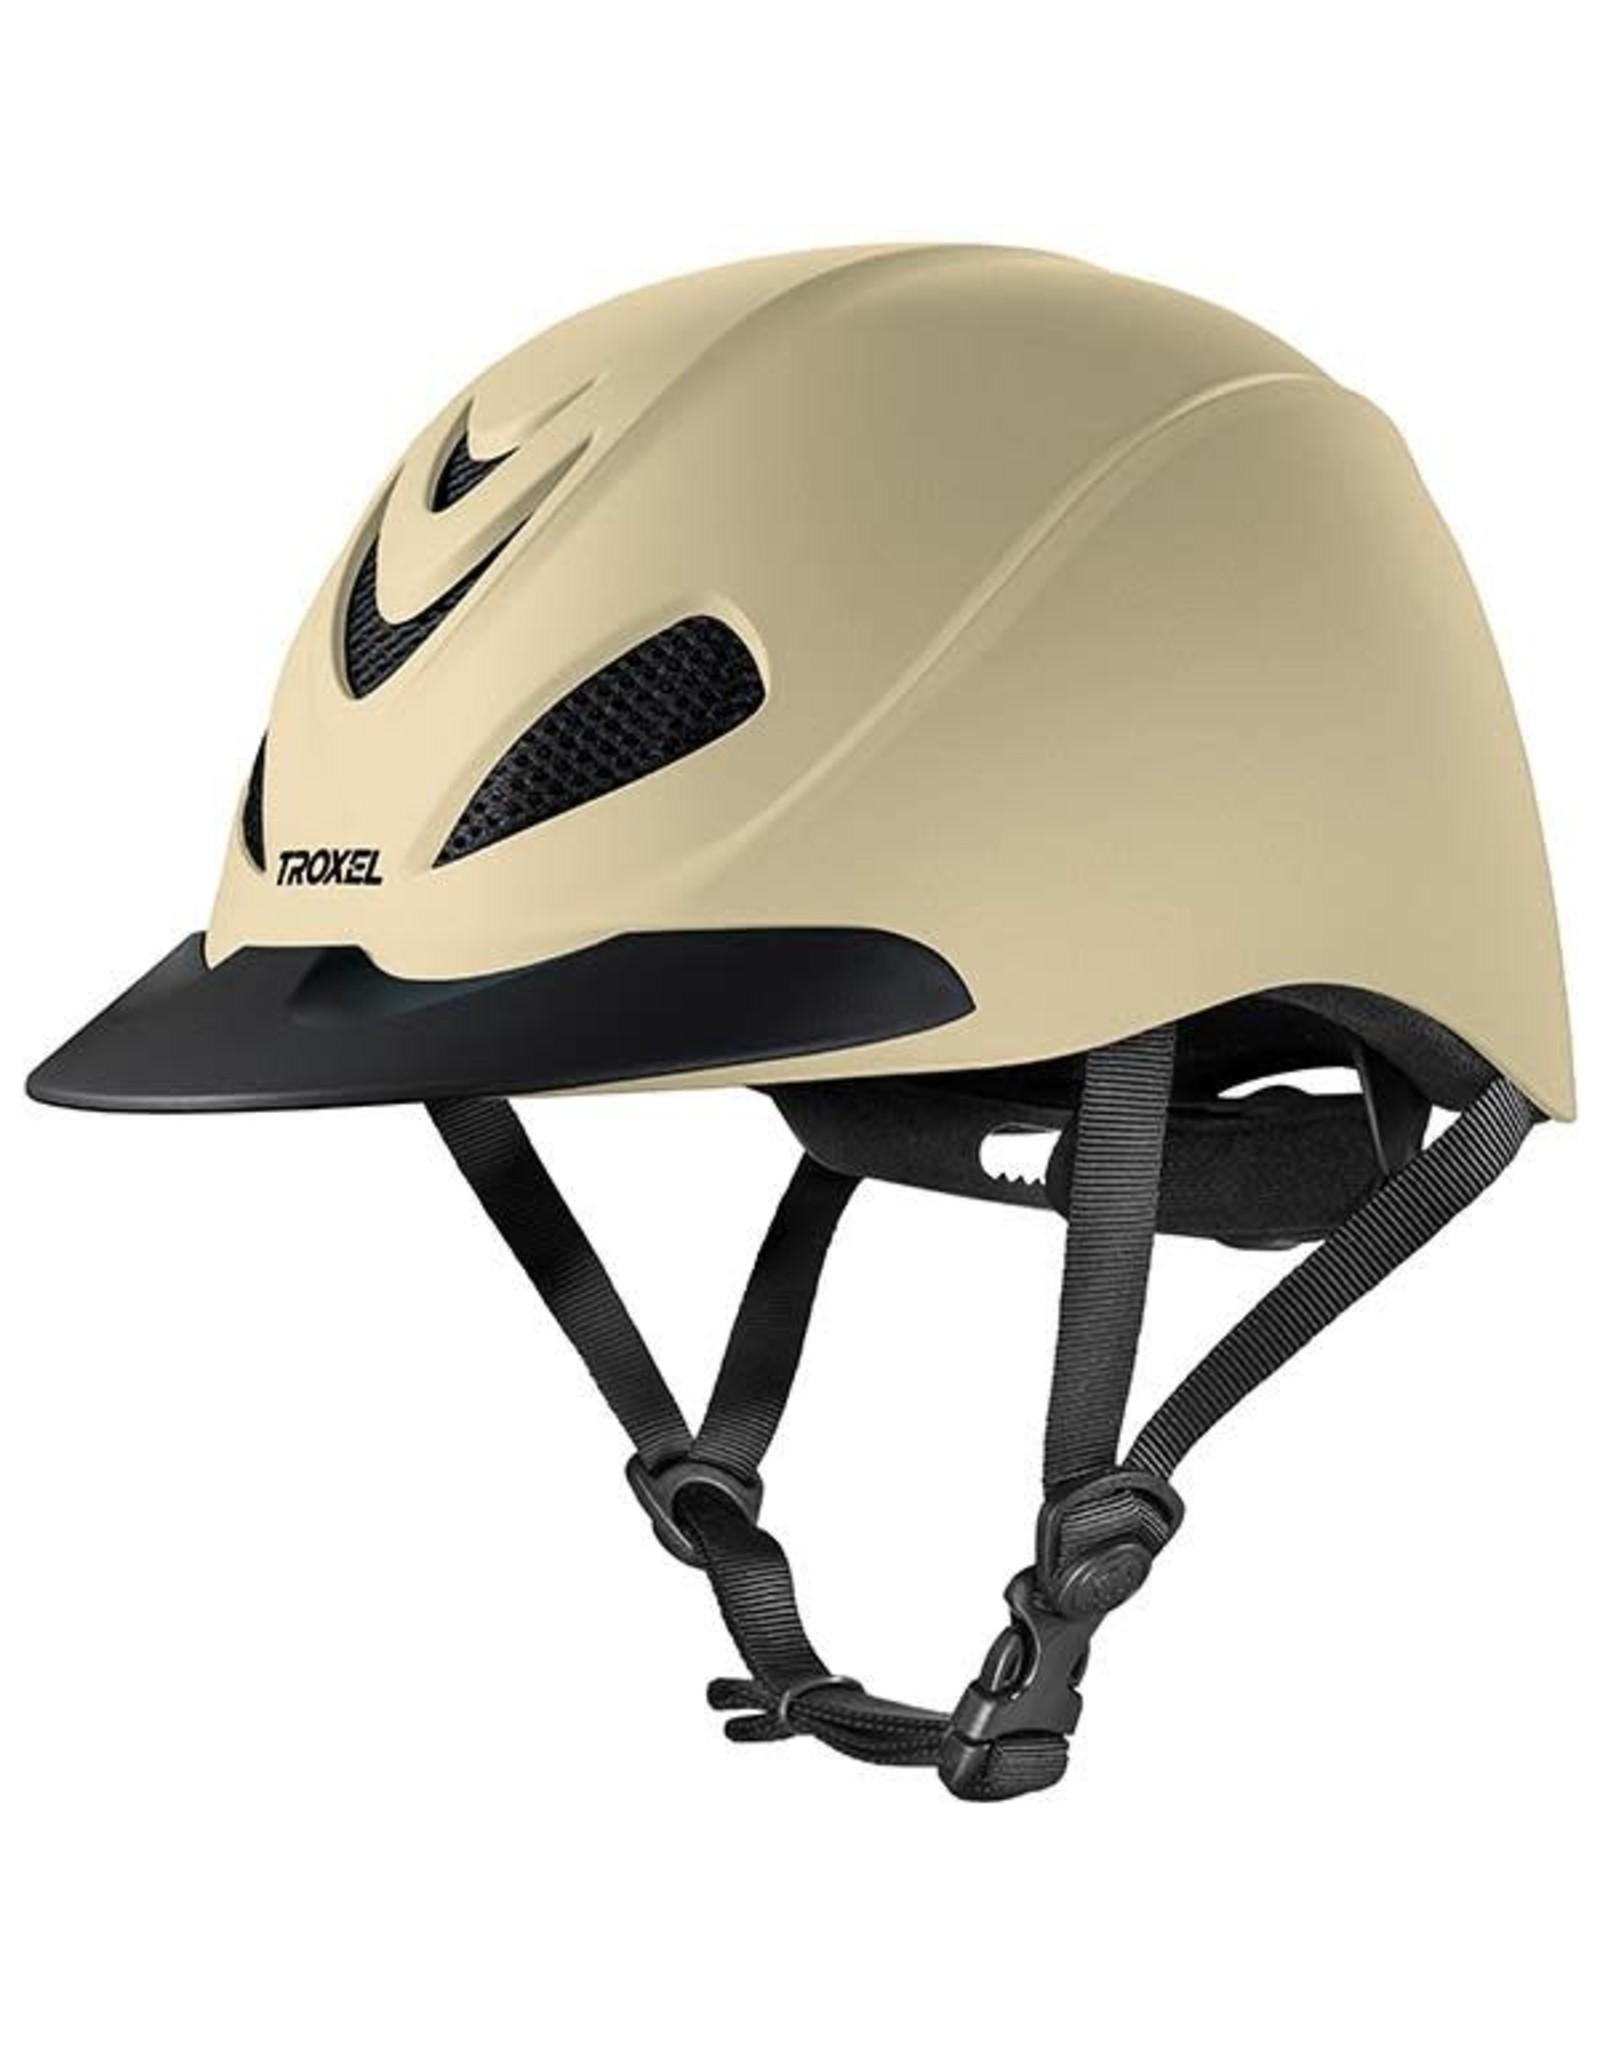 Troxel Liberty Riding Helmet